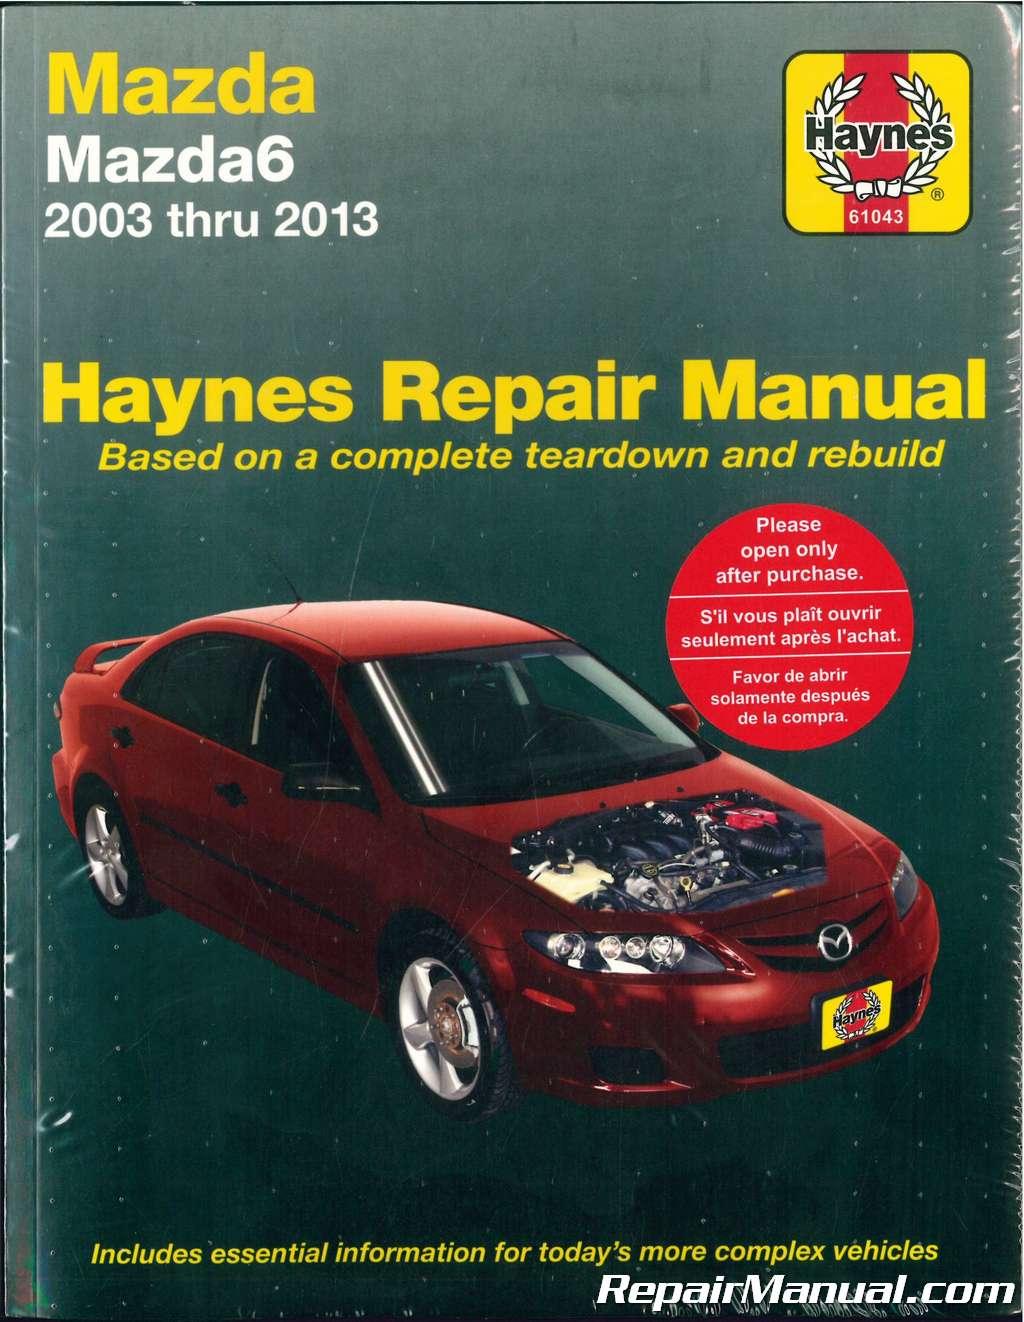 2003 2013 mazda 6 haynes automotive repair manual rh repairmanual com mazda 6 repair manual pdf free mazda 6 repair manual free